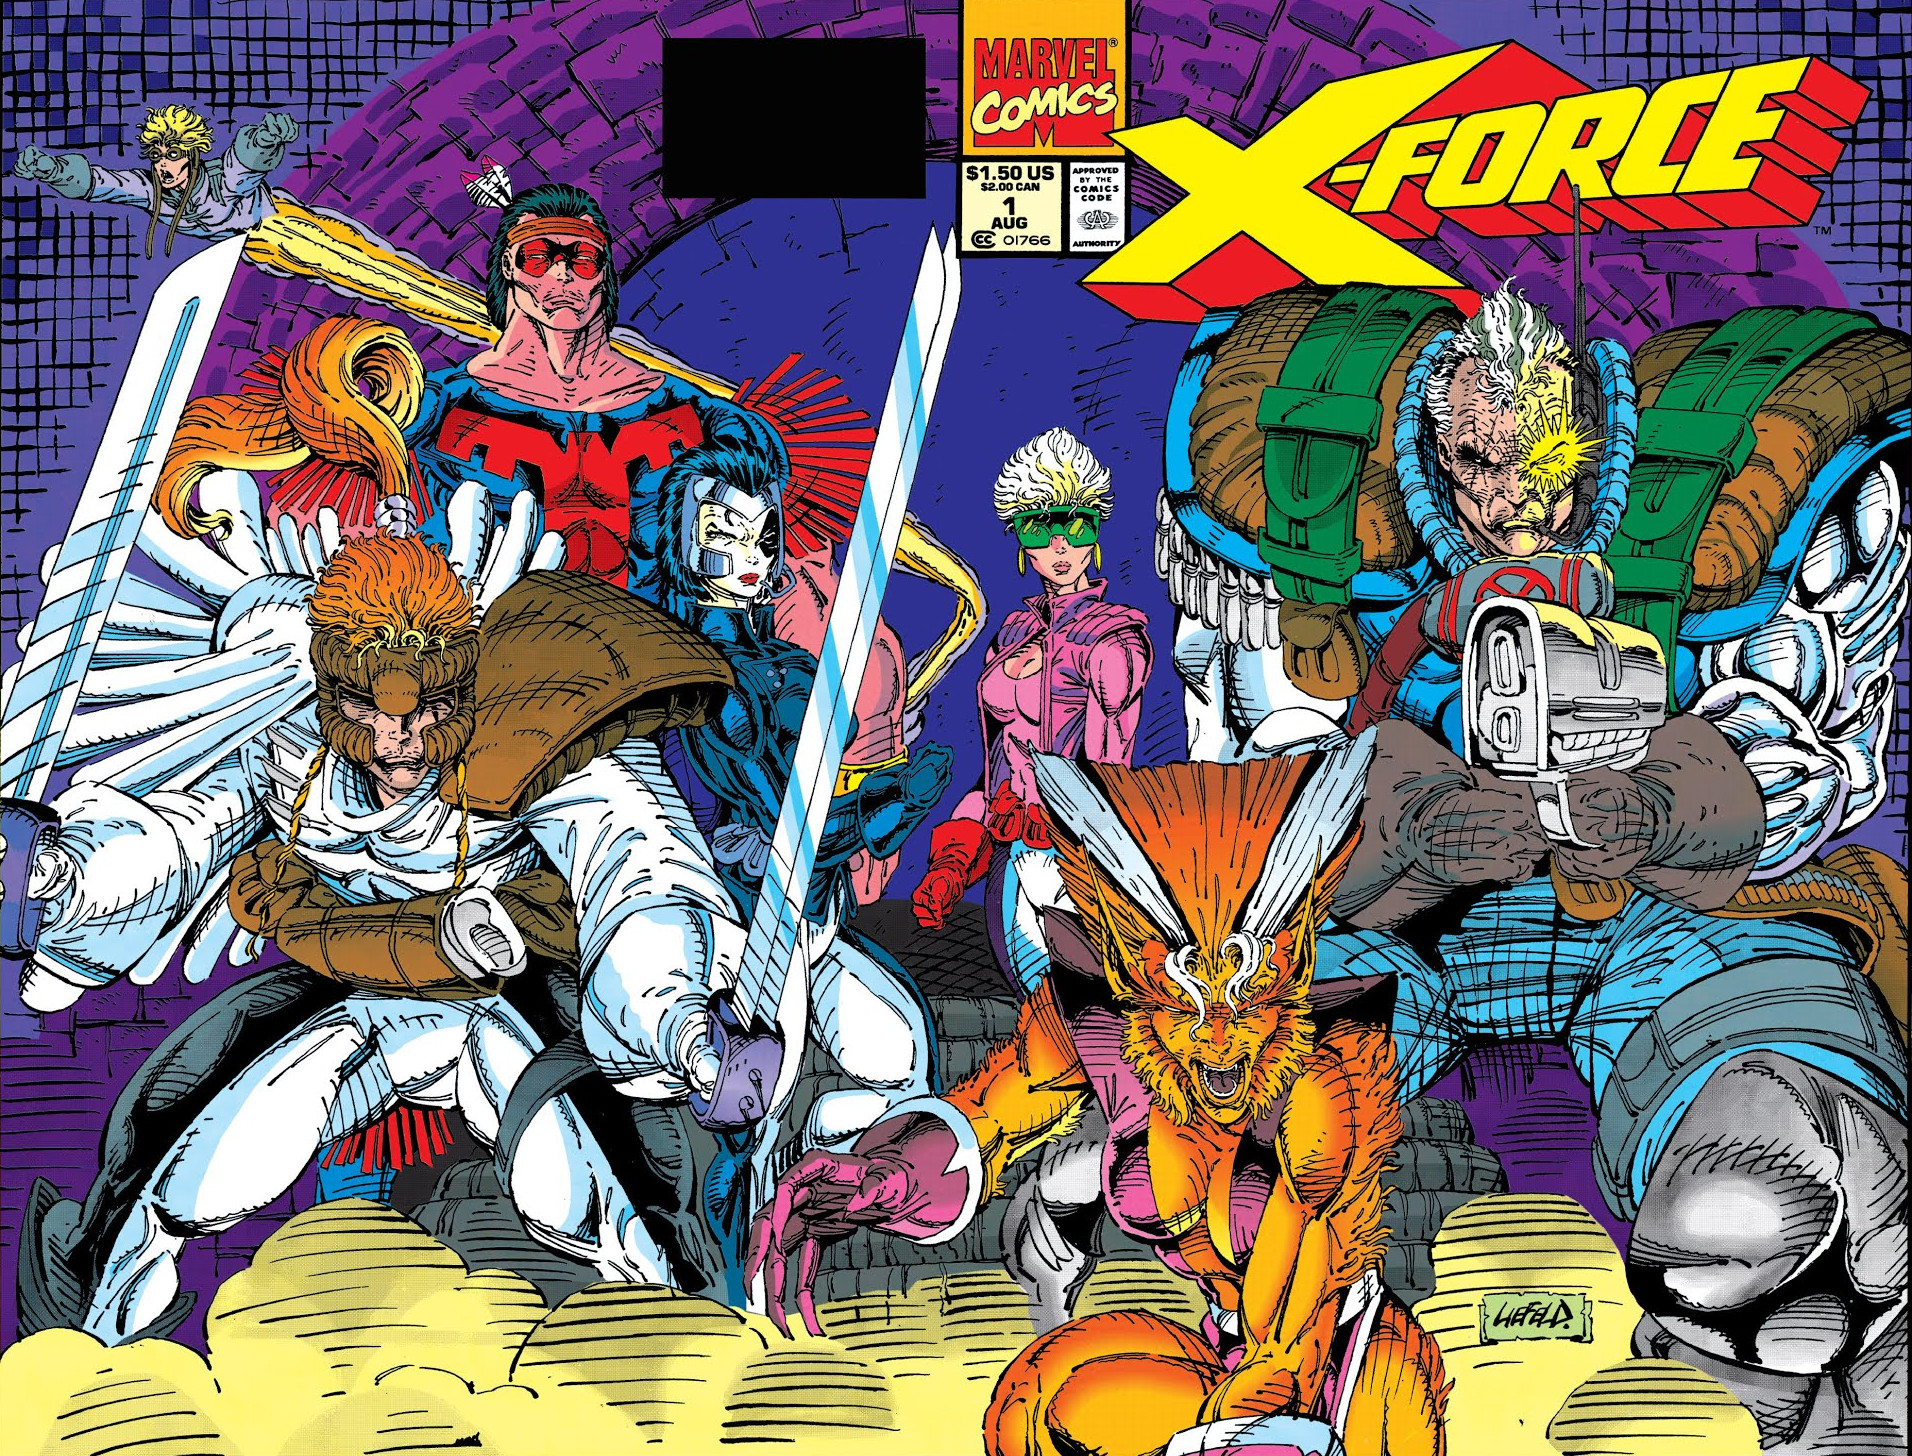 x force vol 1 1 marvel comics database. Black Bedroom Furniture Sets. Home Design Ideas